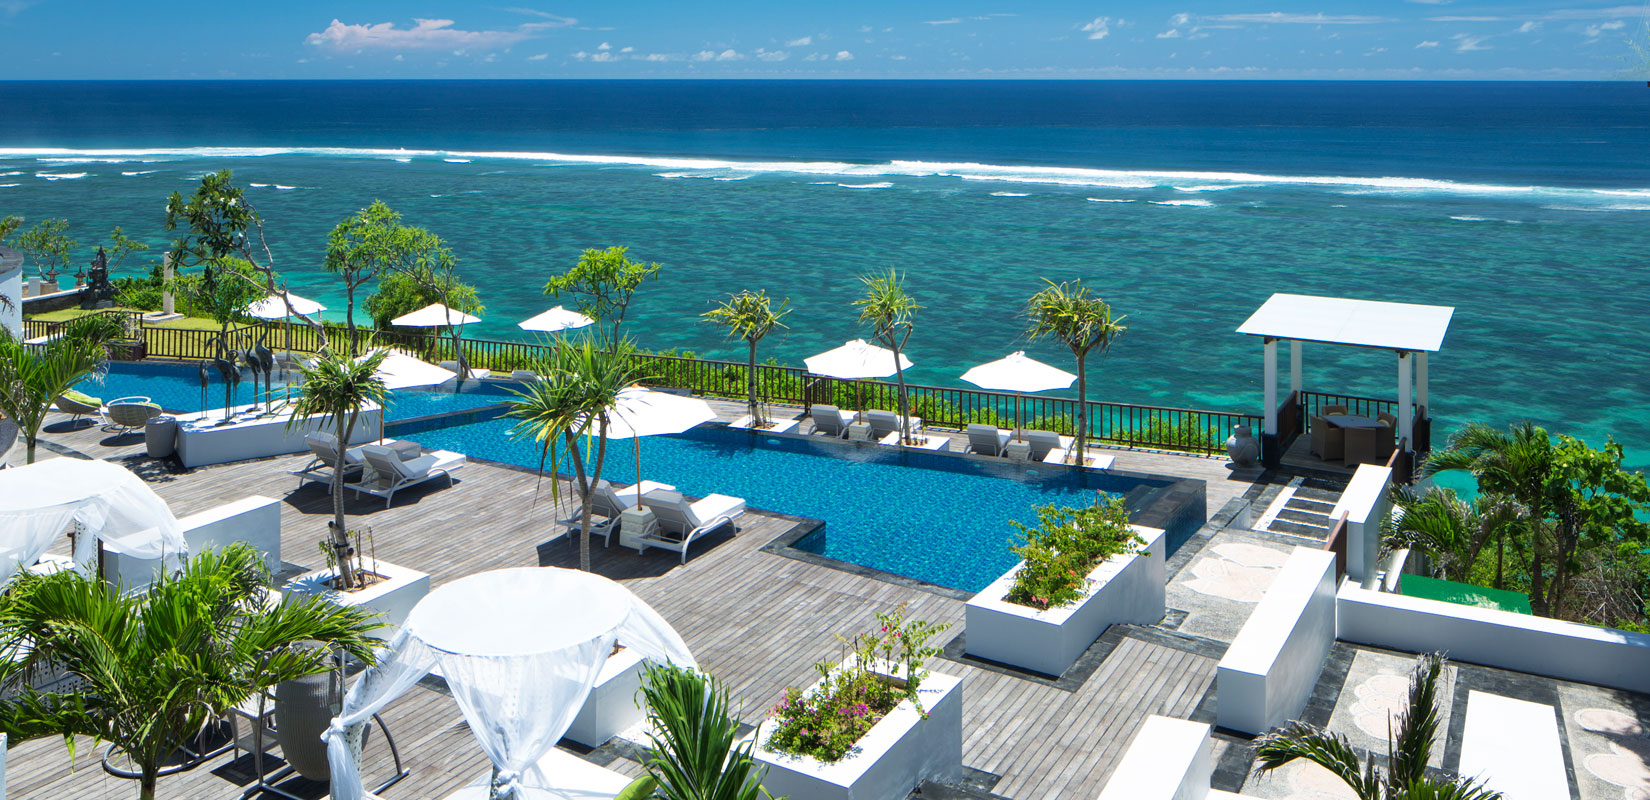 Из отеля открывается невероятный панорамный вид на Индийский океан